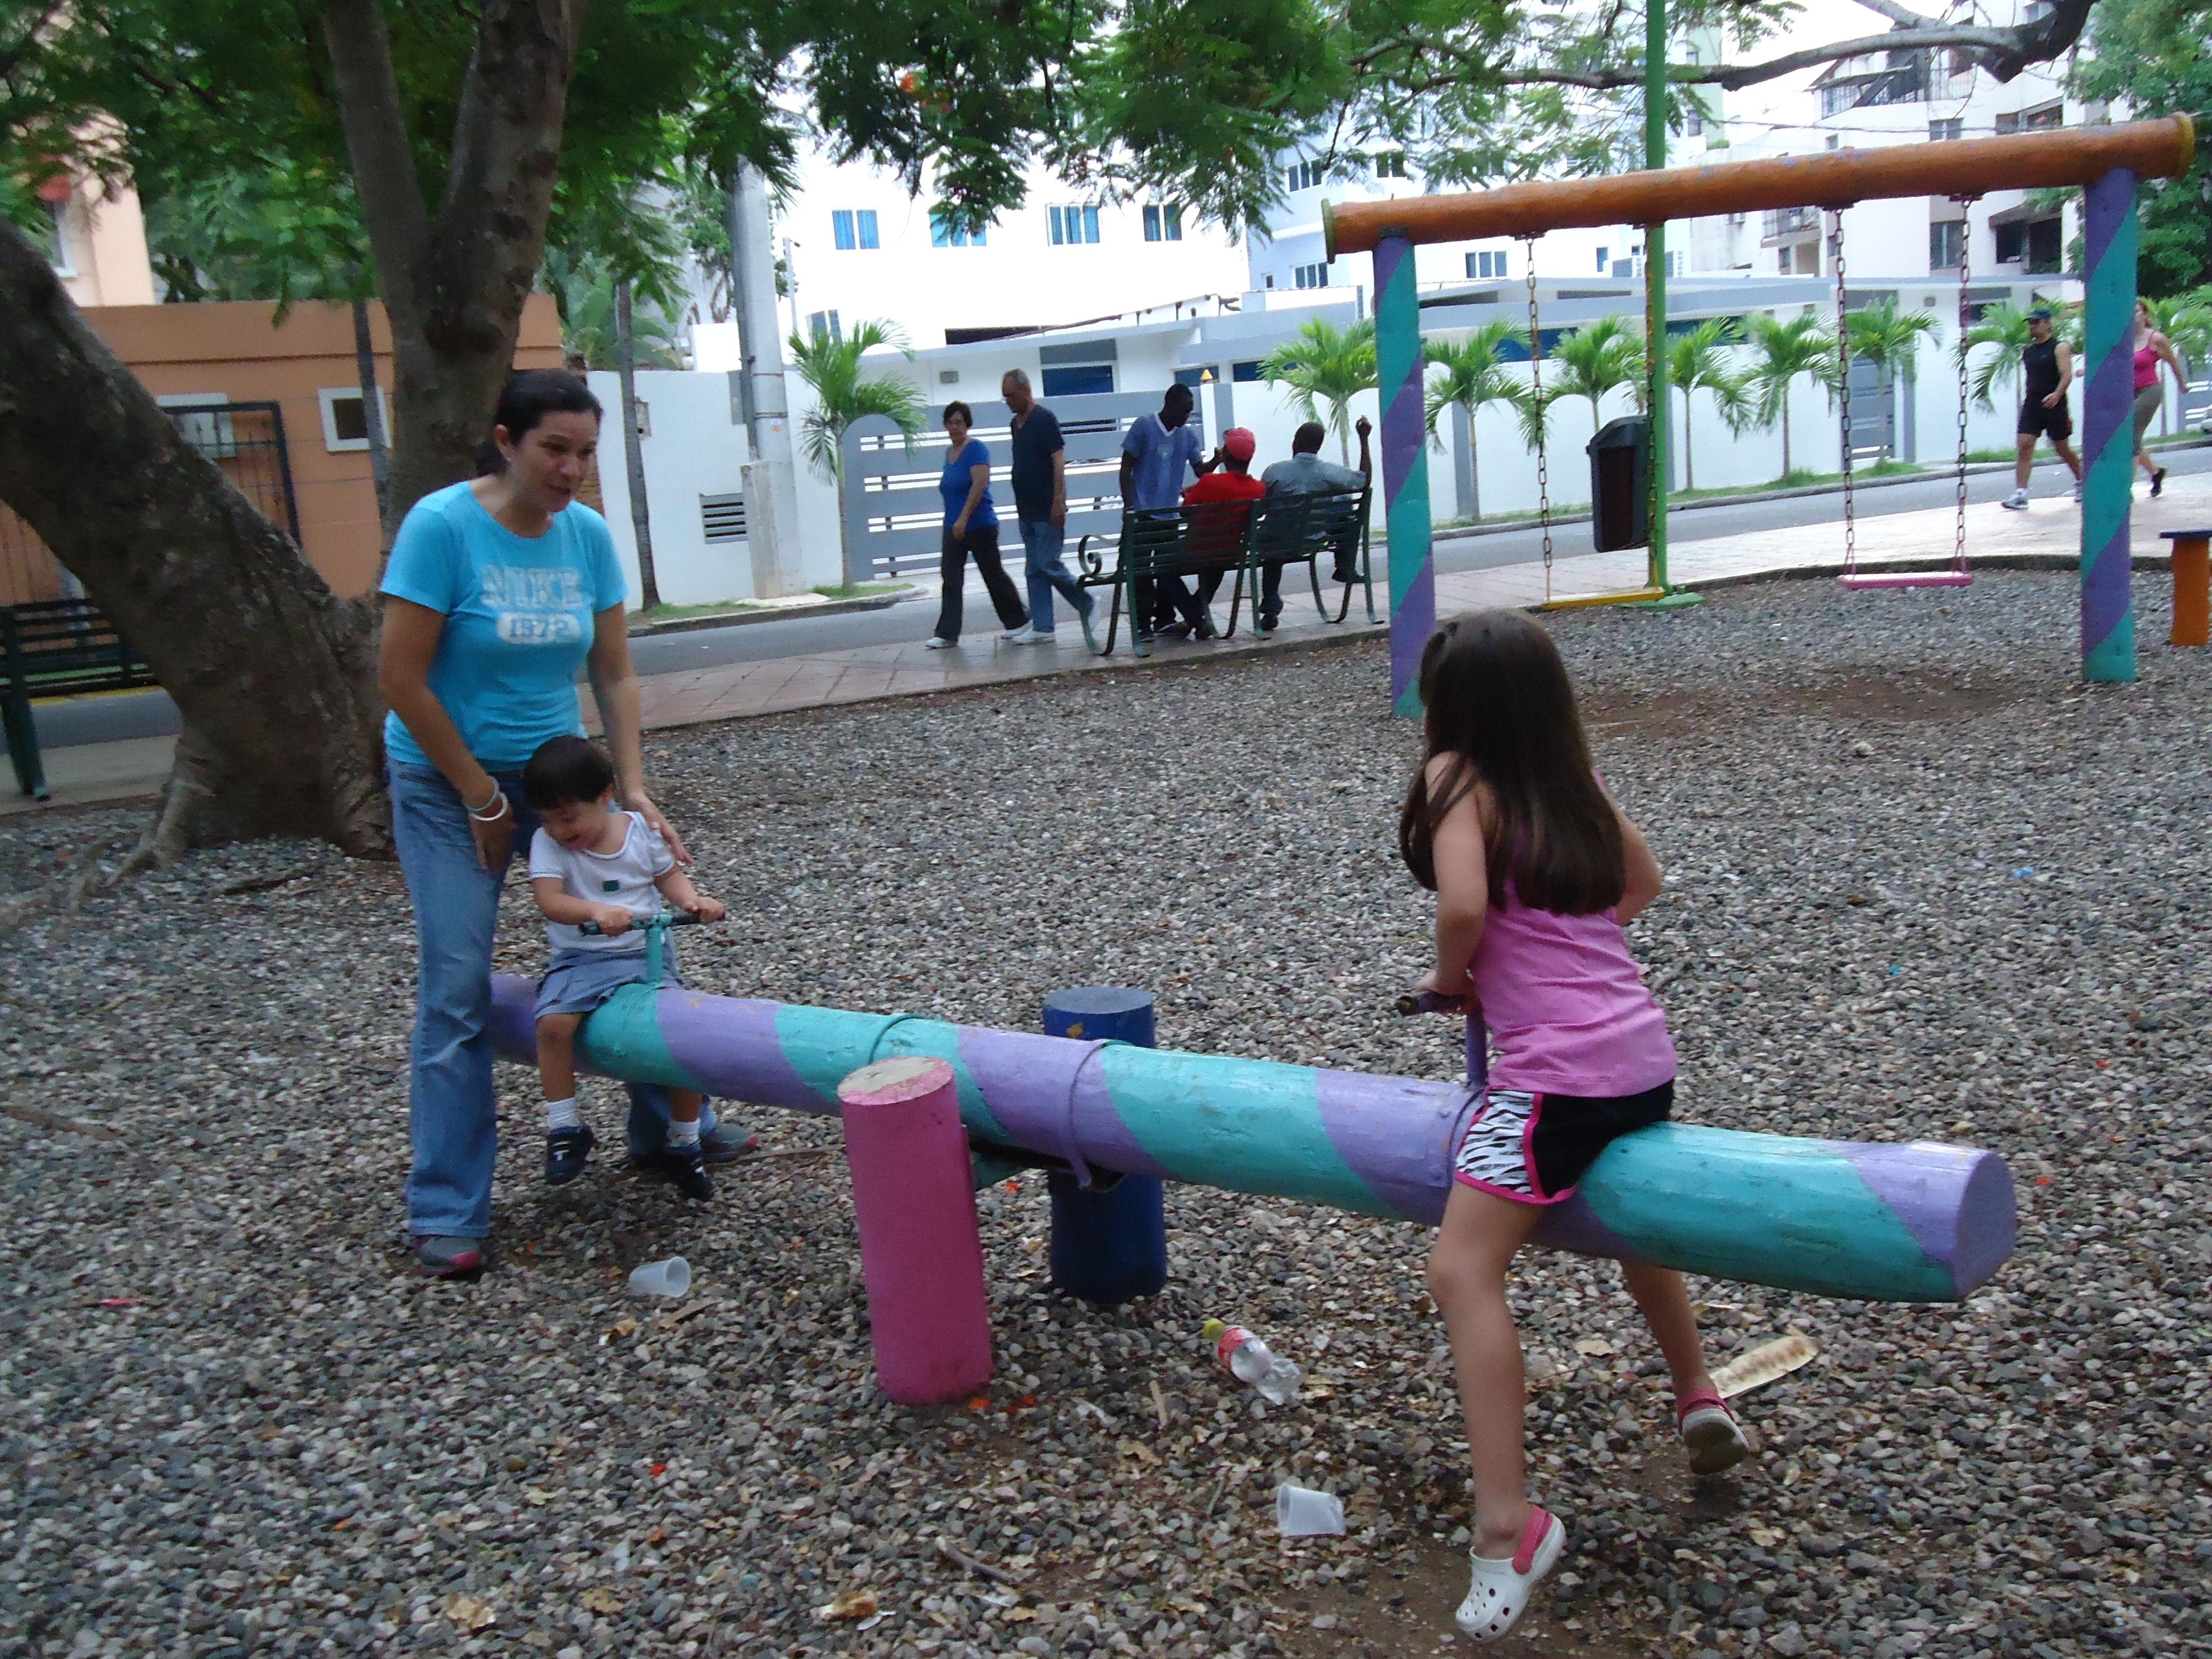 se presenta el del nuevo parque y ante las quejas de las madres sobre la de dicha rea de juegos la cual no consider las